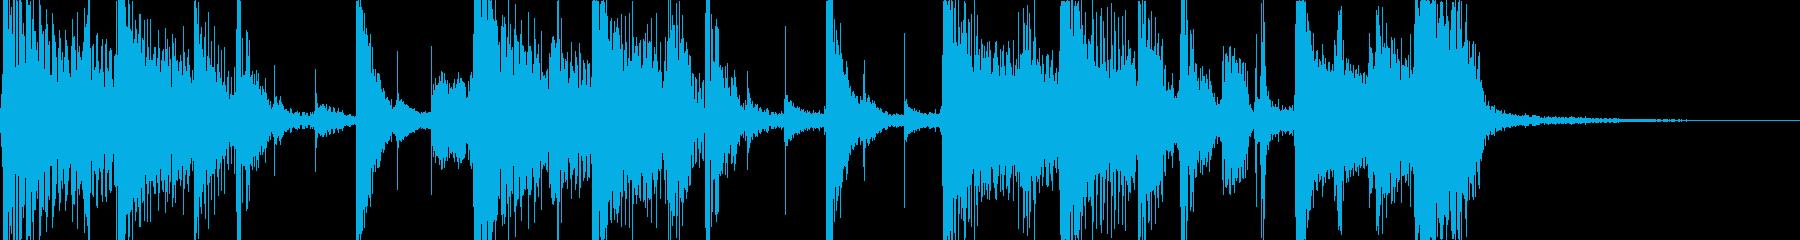 ベースが主役のジングル曲の再生済みの波形